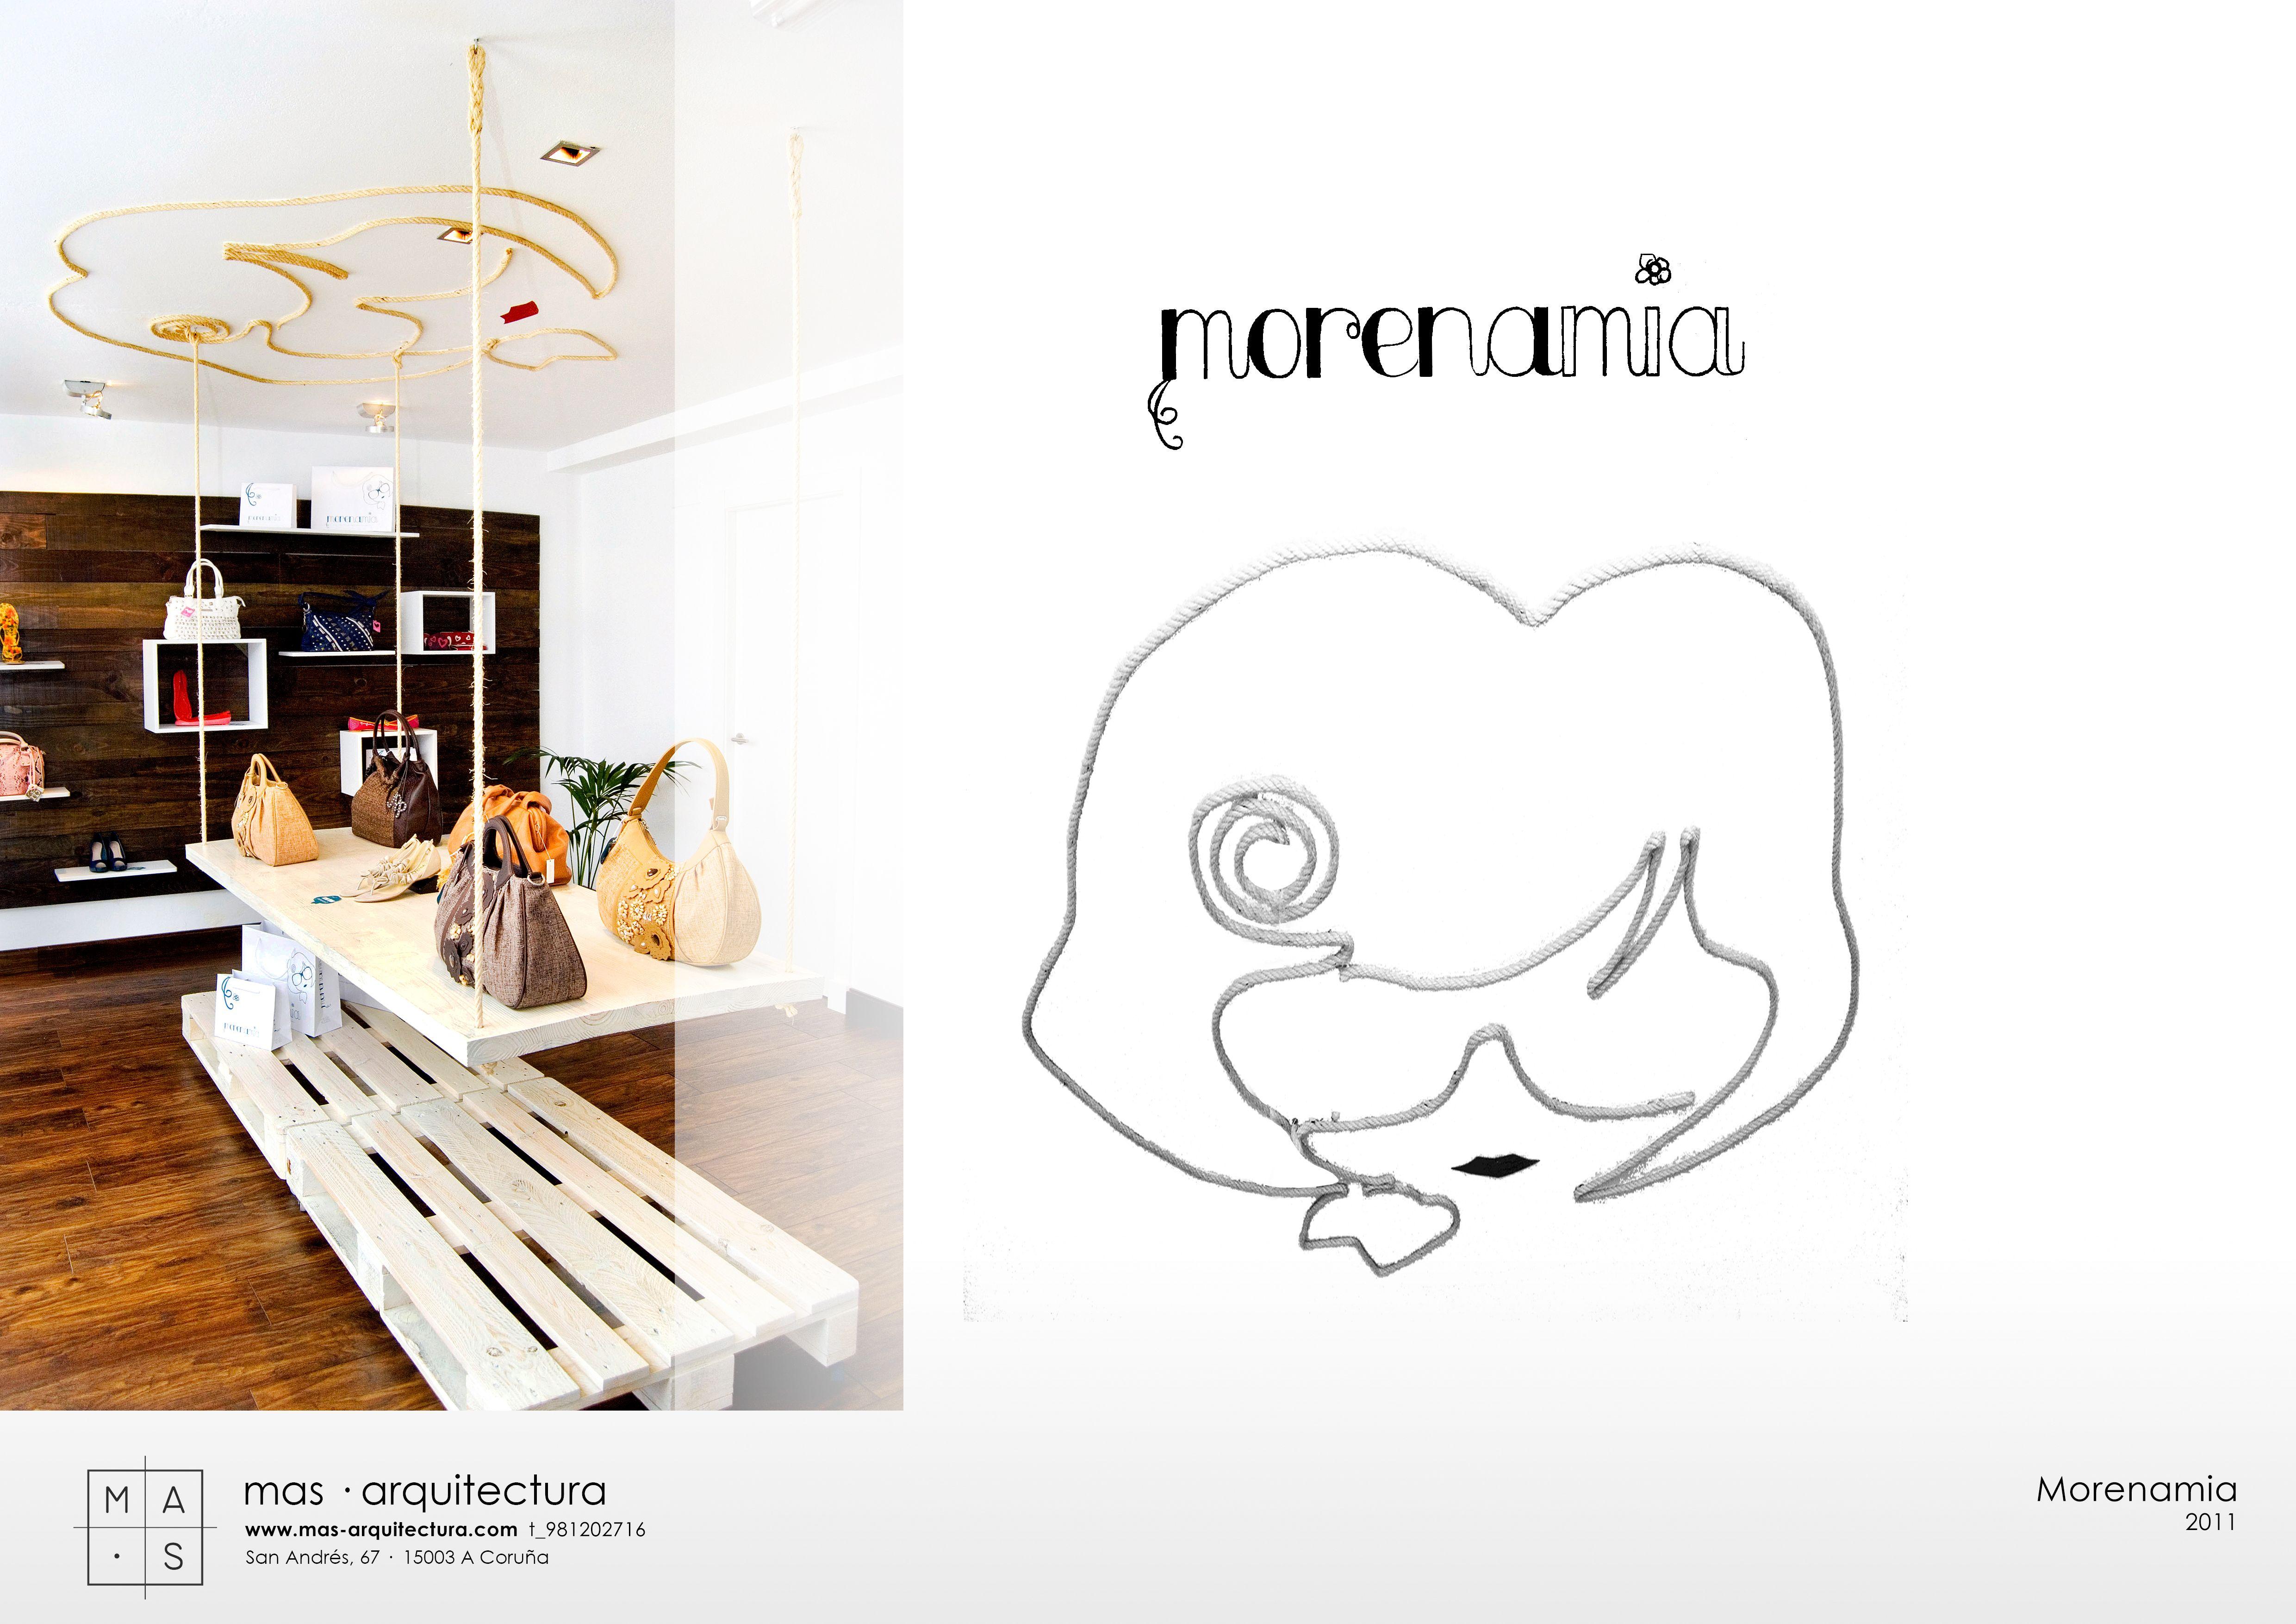 Morenamía _ Diseño de interiorismo, mobiliario e imagen por mas·arquitectura #interiordesing #architecture #design #diseño #interiorismo #arquitectura #masarquitectura #furniture #furnituredesing #mobiliario #branding